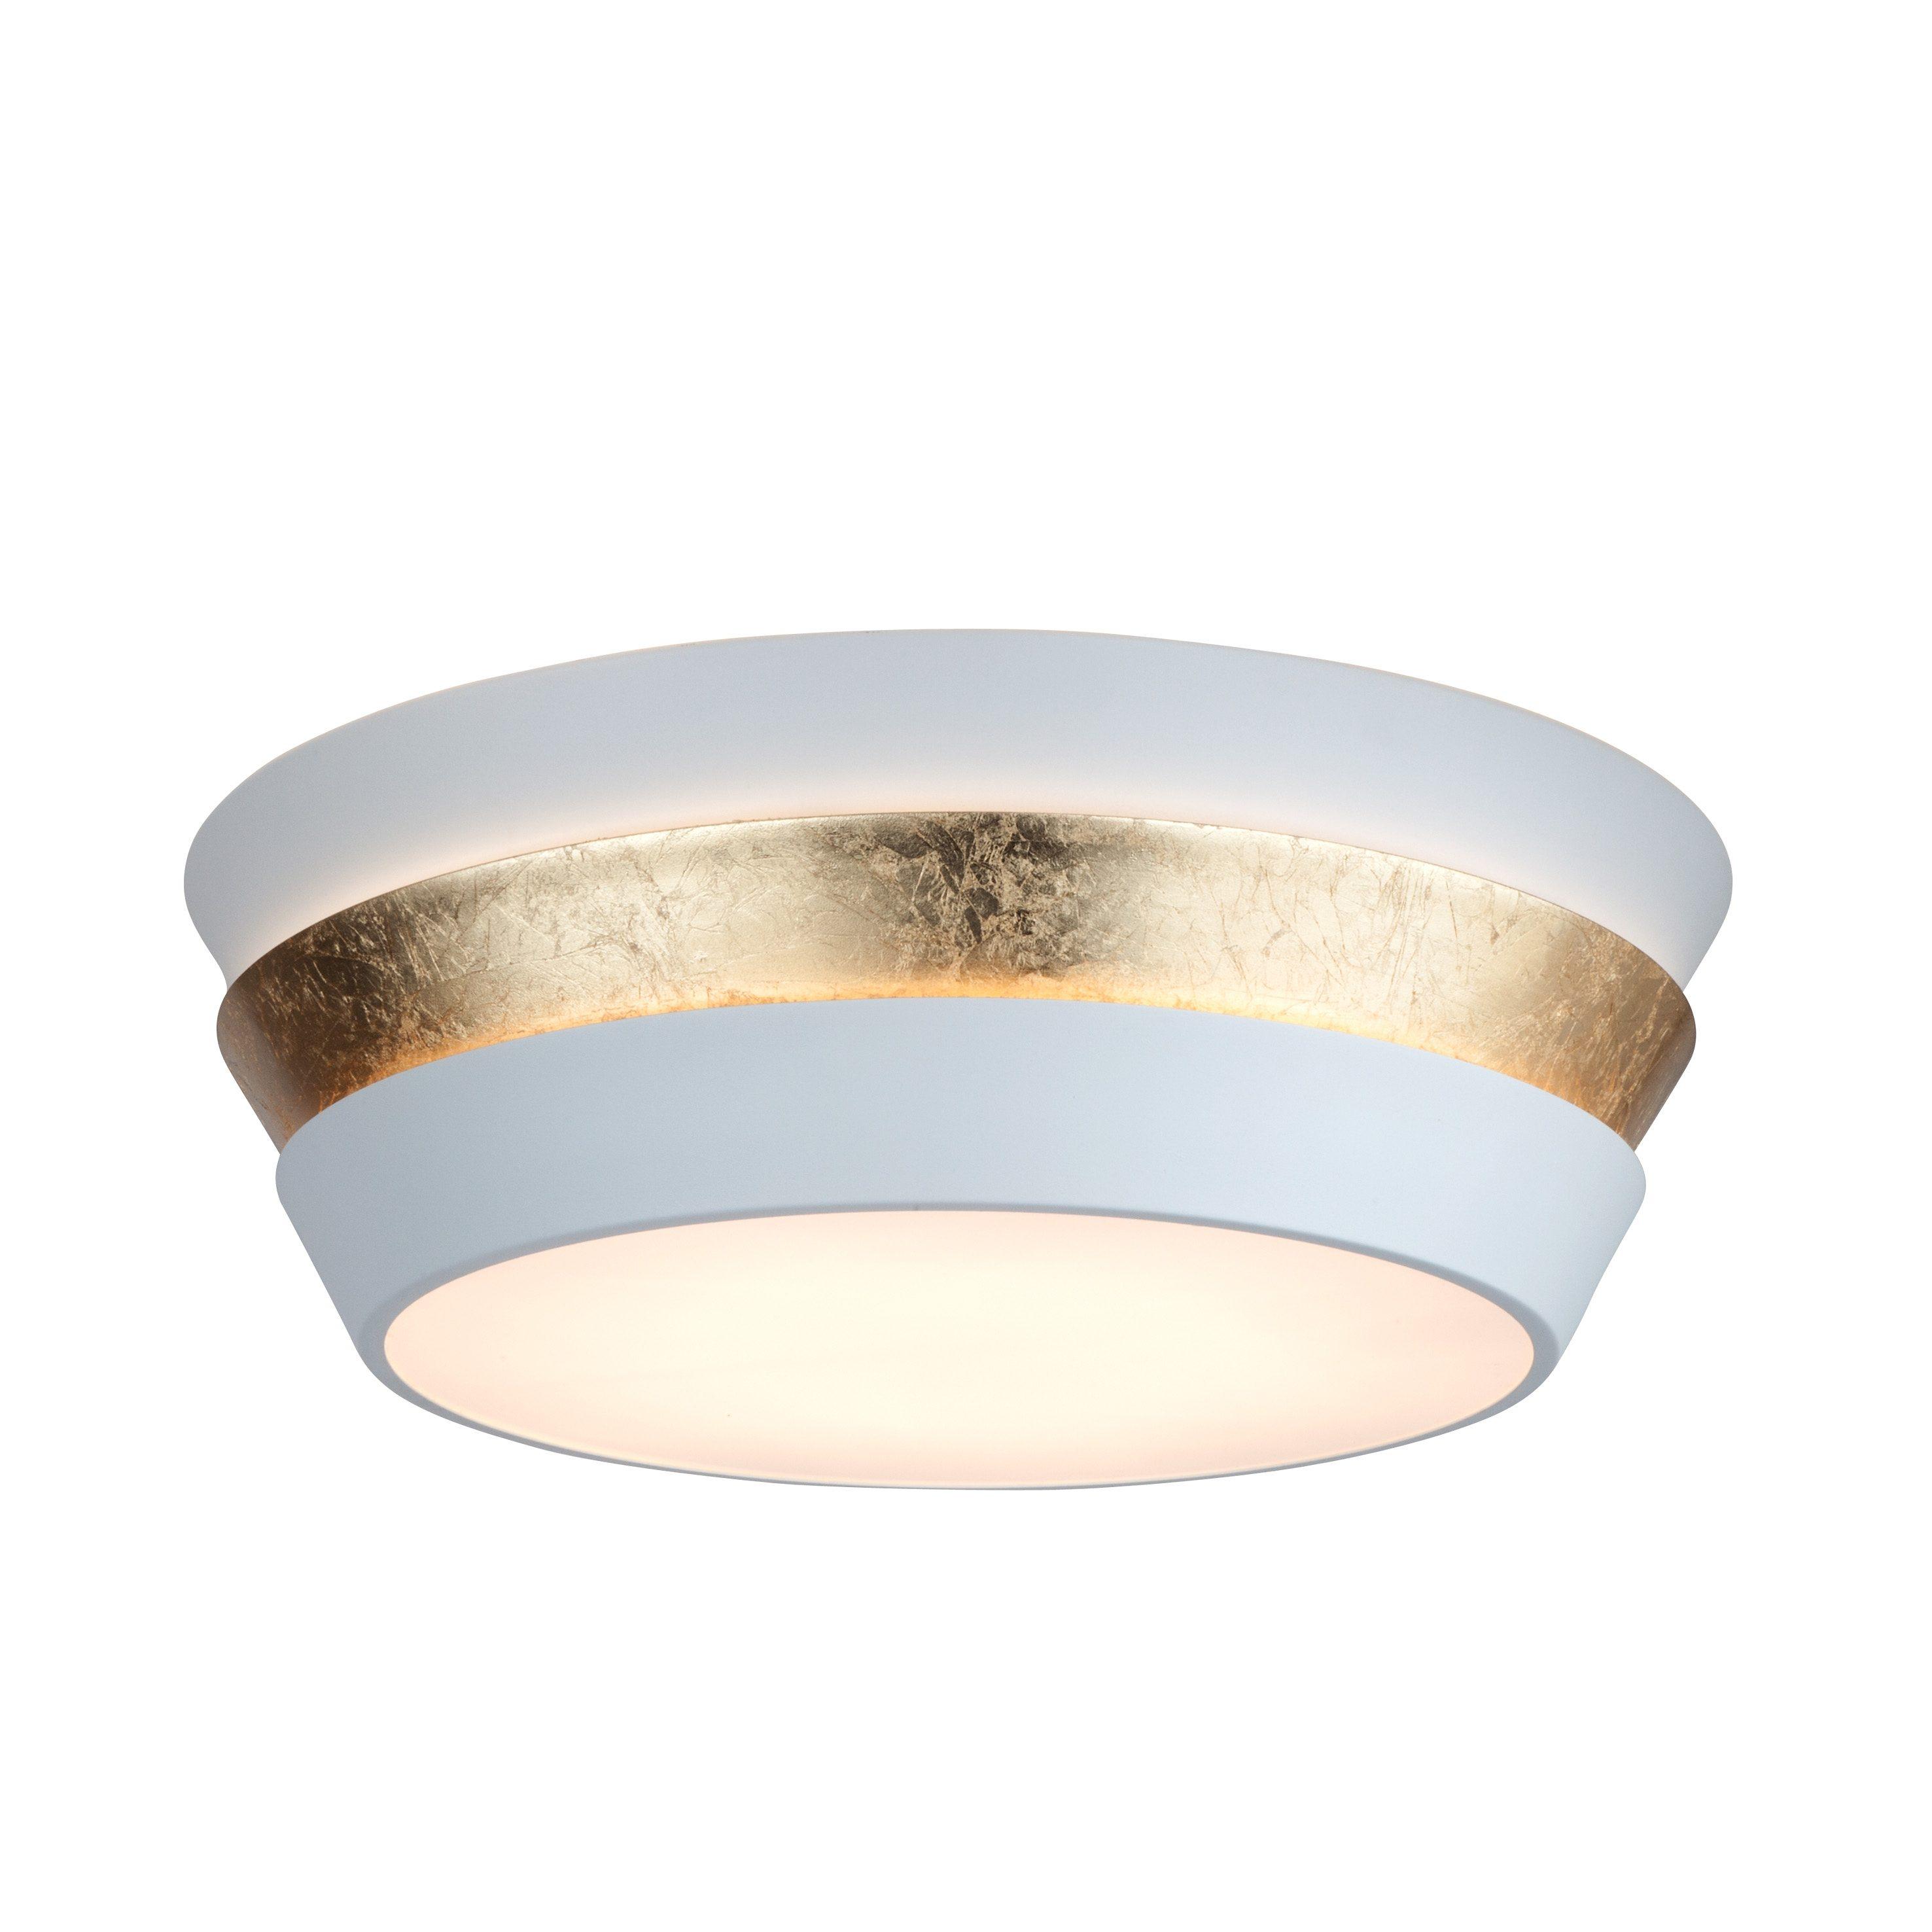 Brilliant Leuchten,Deckenleuchte»SHIP«, | Lampen > Deckenleuchten > Deckenlampen | Weiß | Metall | BRILLIANT LEUCHTEN